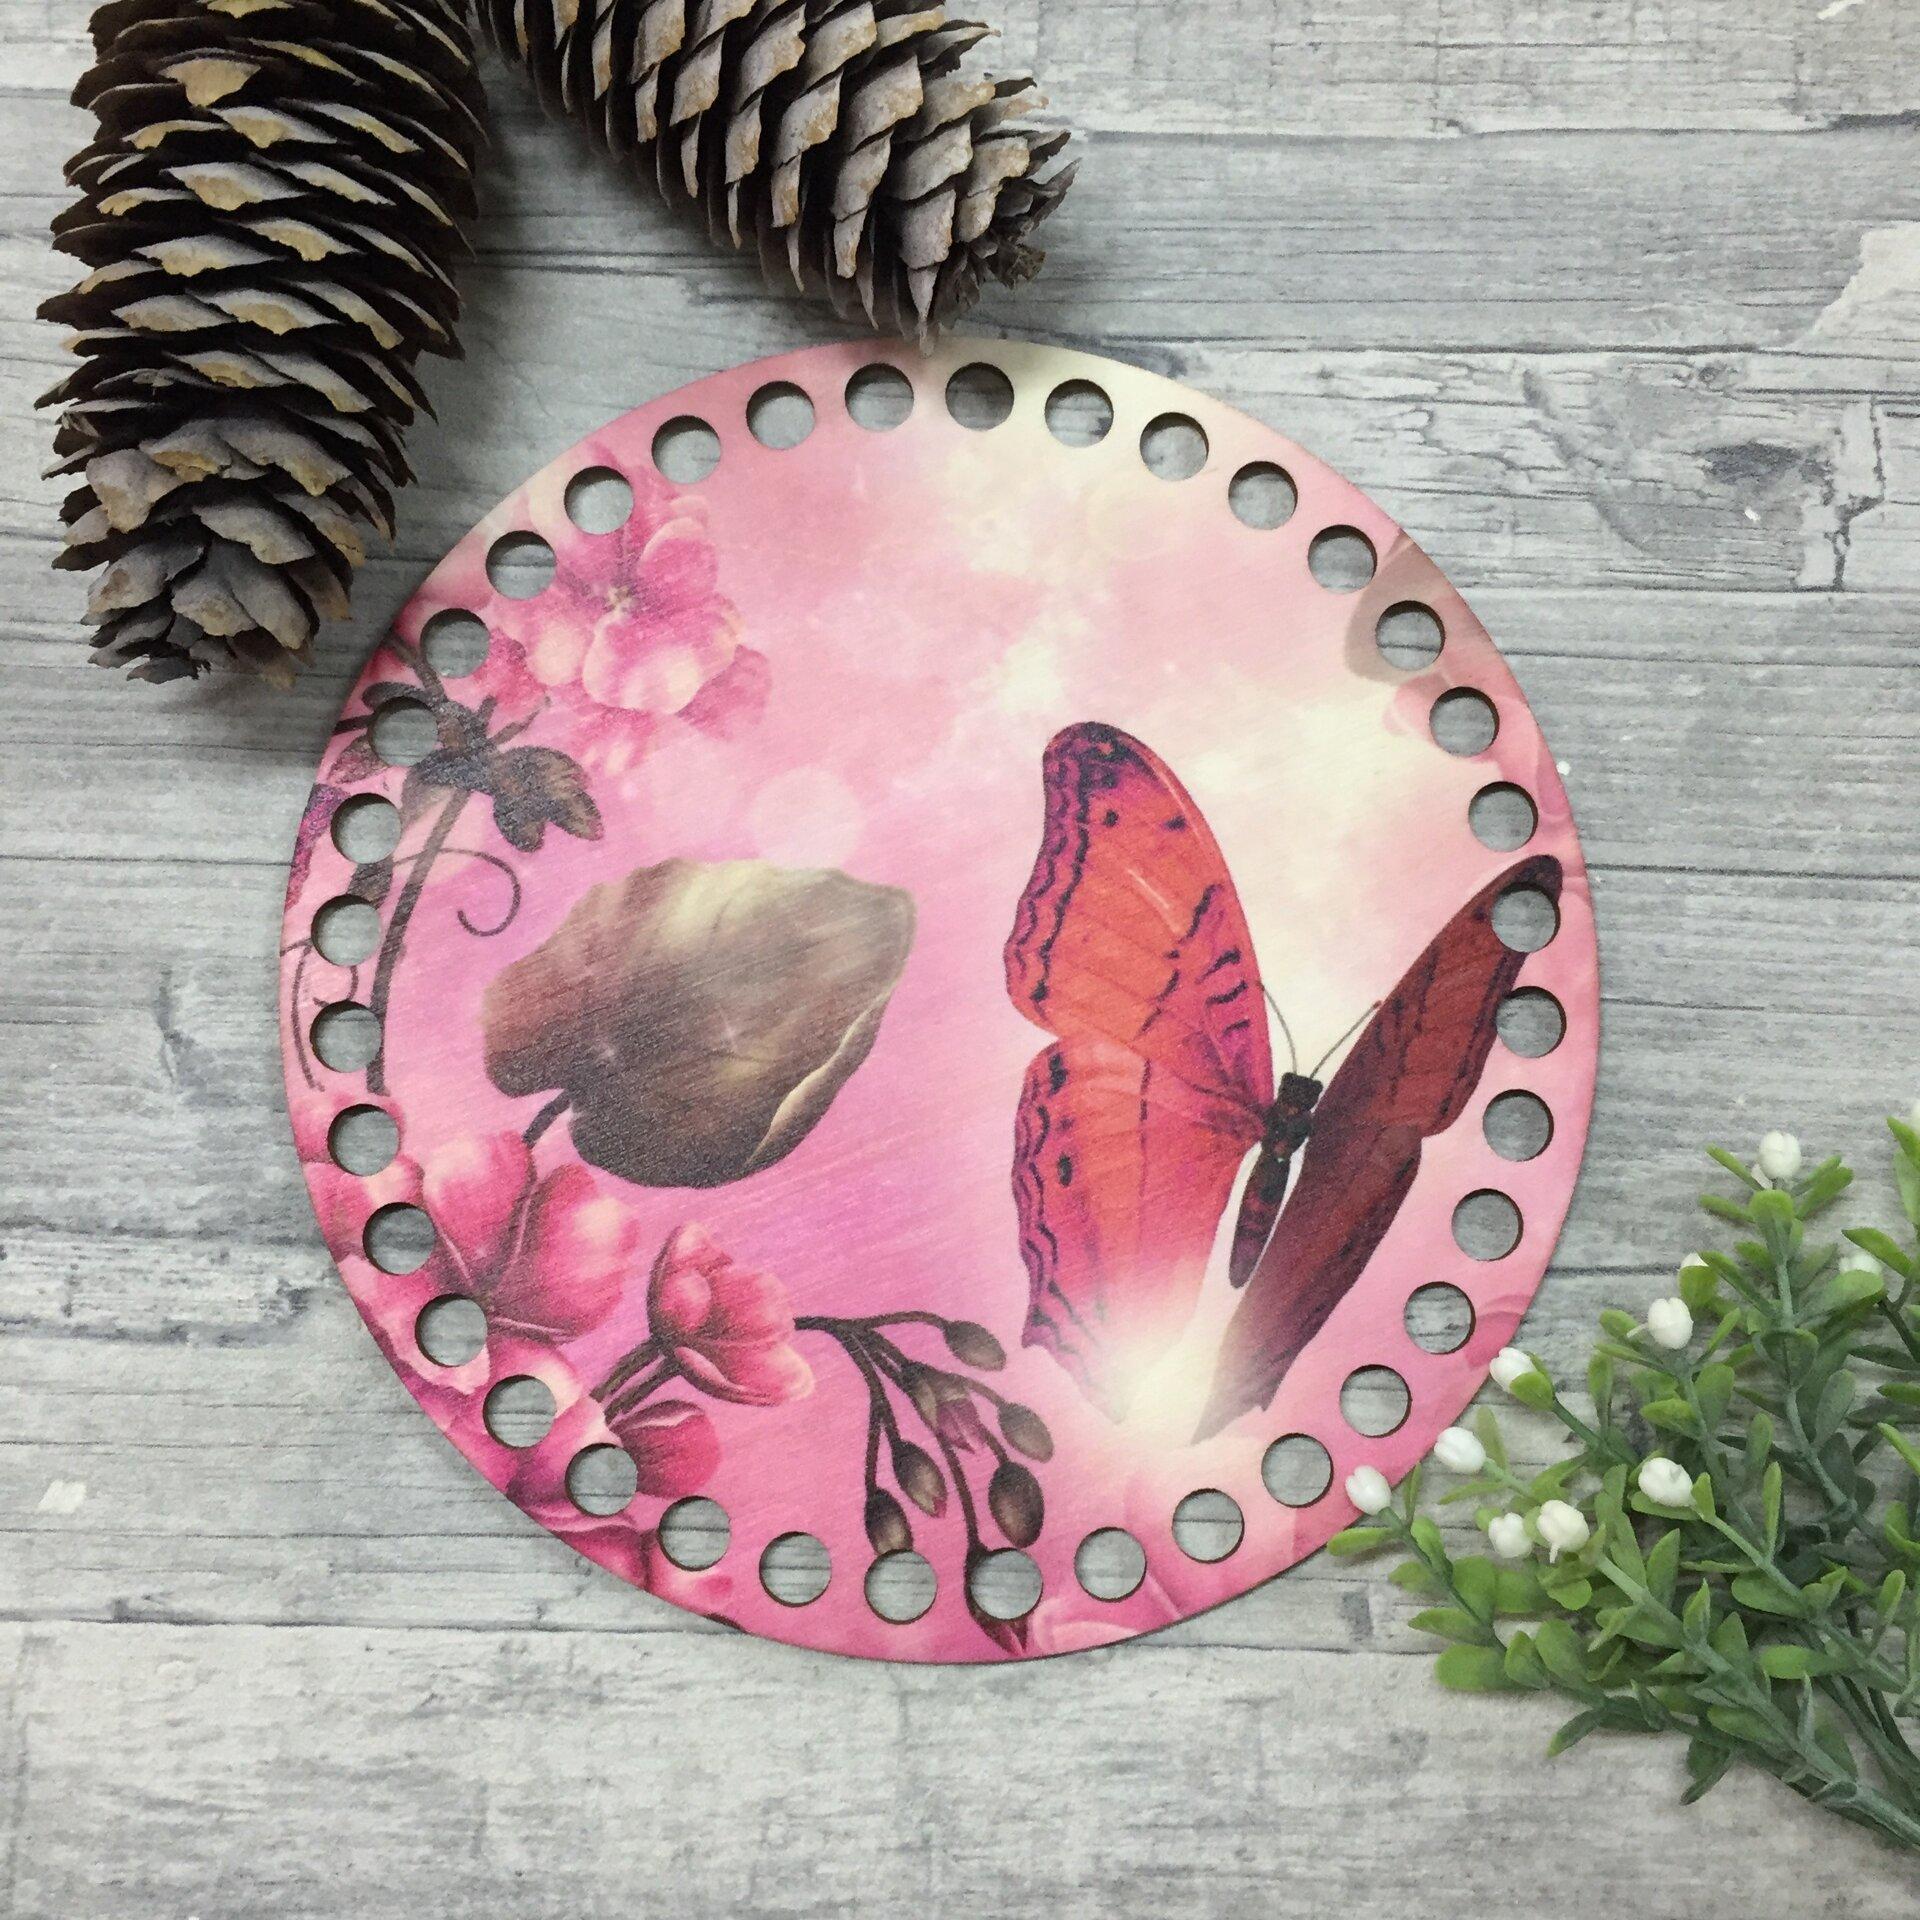 """Донышко/крышка с цветной печатью """"Бабочка на розовом фоне"""" 17см - фото pic_971fb09e59a852c51c46fa4e725654a3_1920x9000_1.jpg"""